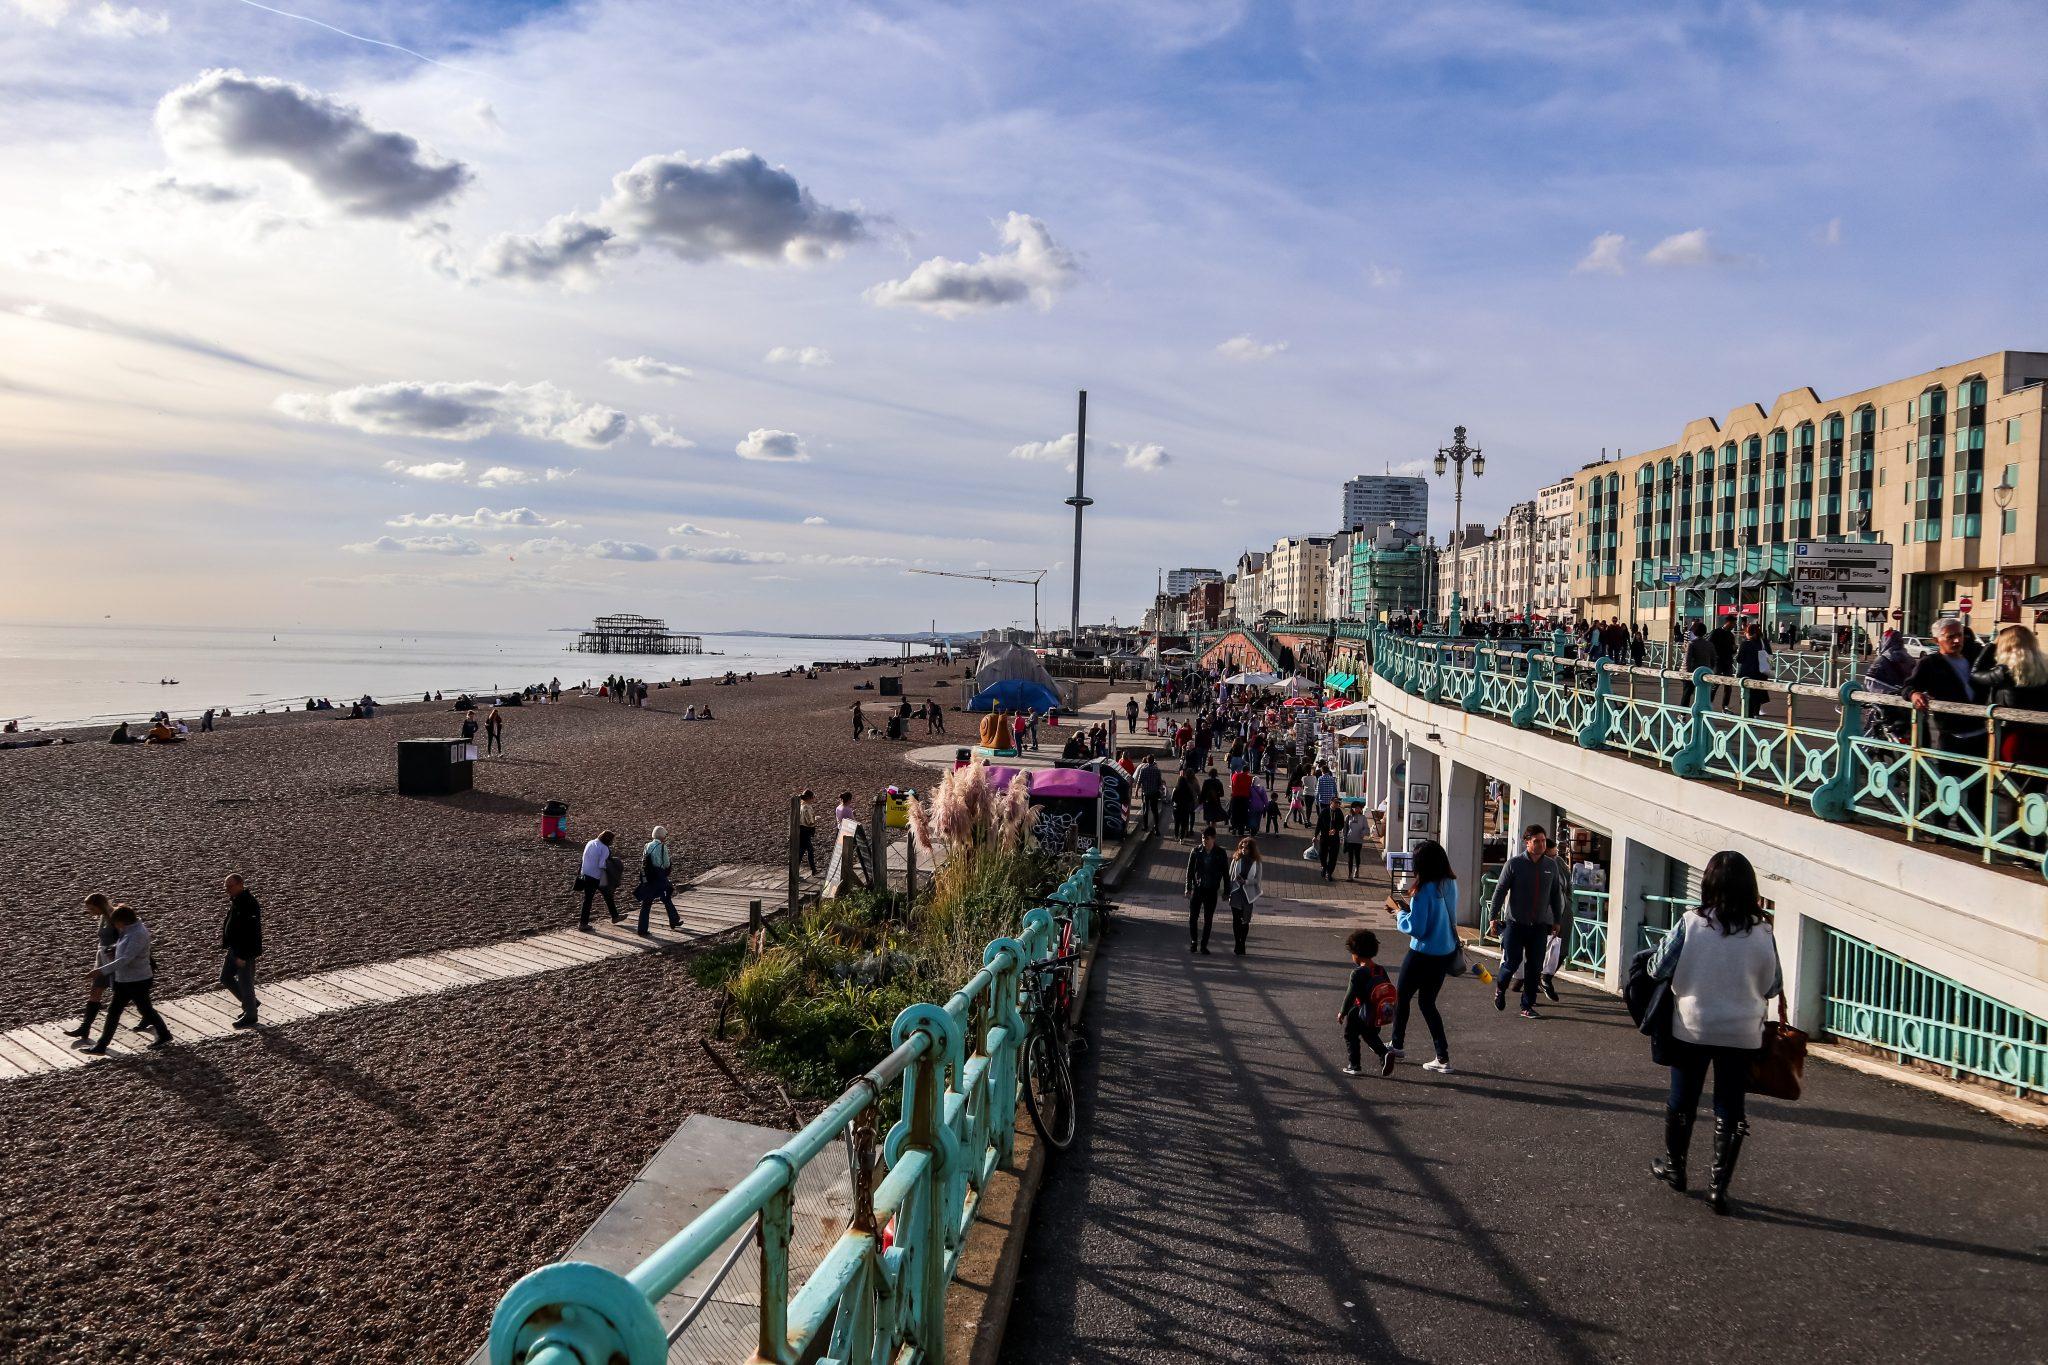 Wir hoffen, dass dir das Interview gefallen hat und du demnächst auch nach Brighton kommst, vielleicht für ein Praktikum?